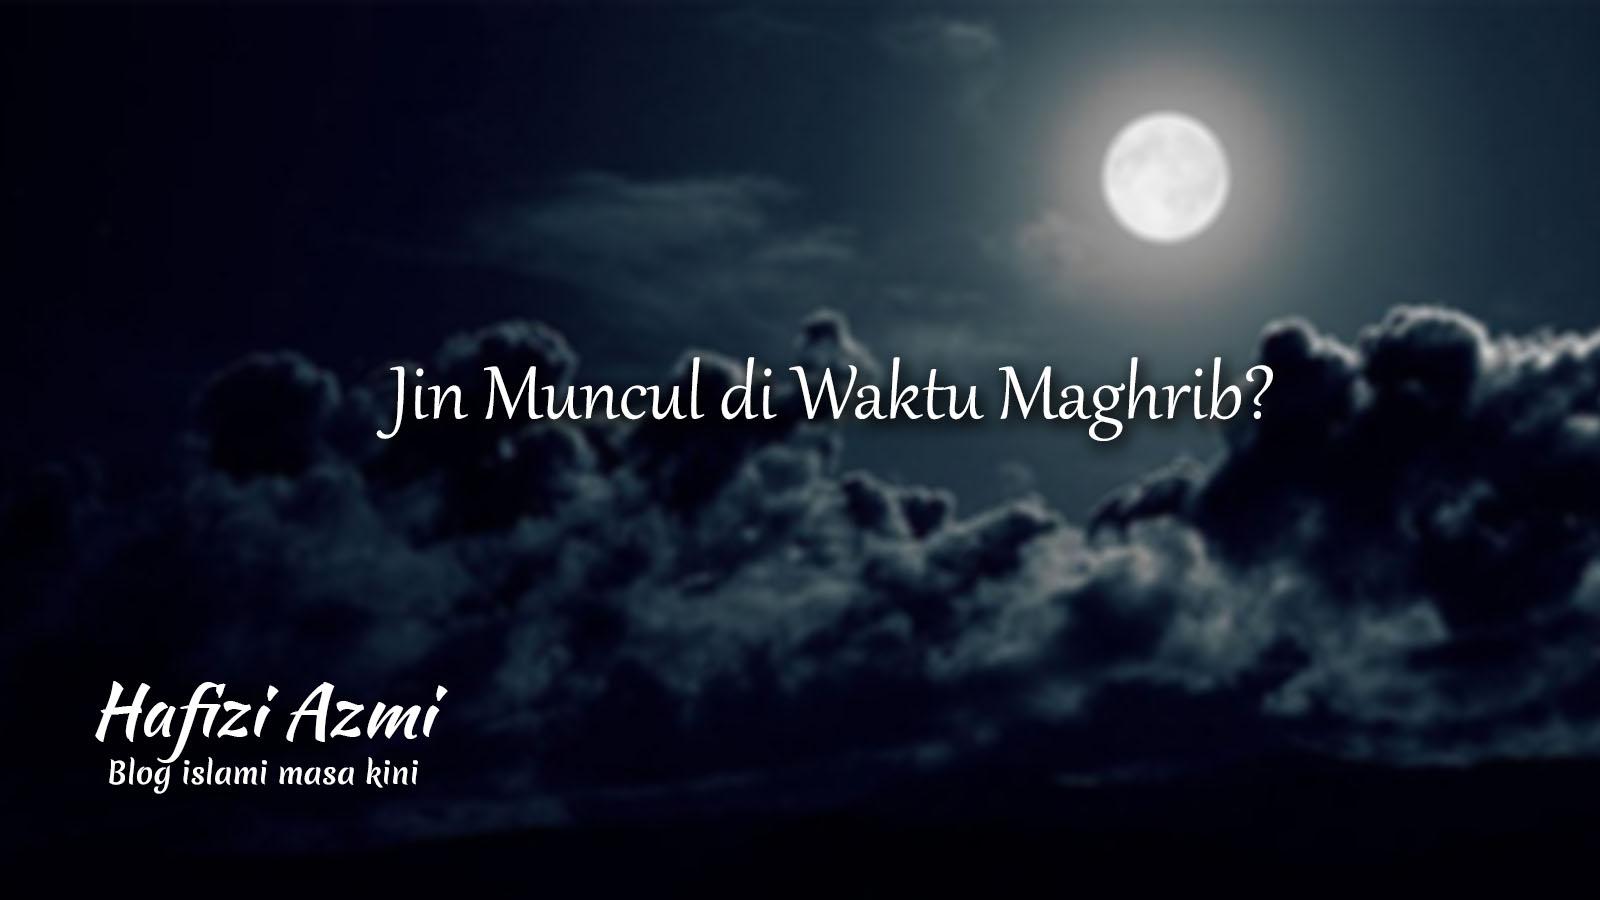 Setan dan Jin Muncul di Waktu Maghrib, Kemana di Siang Harinya?